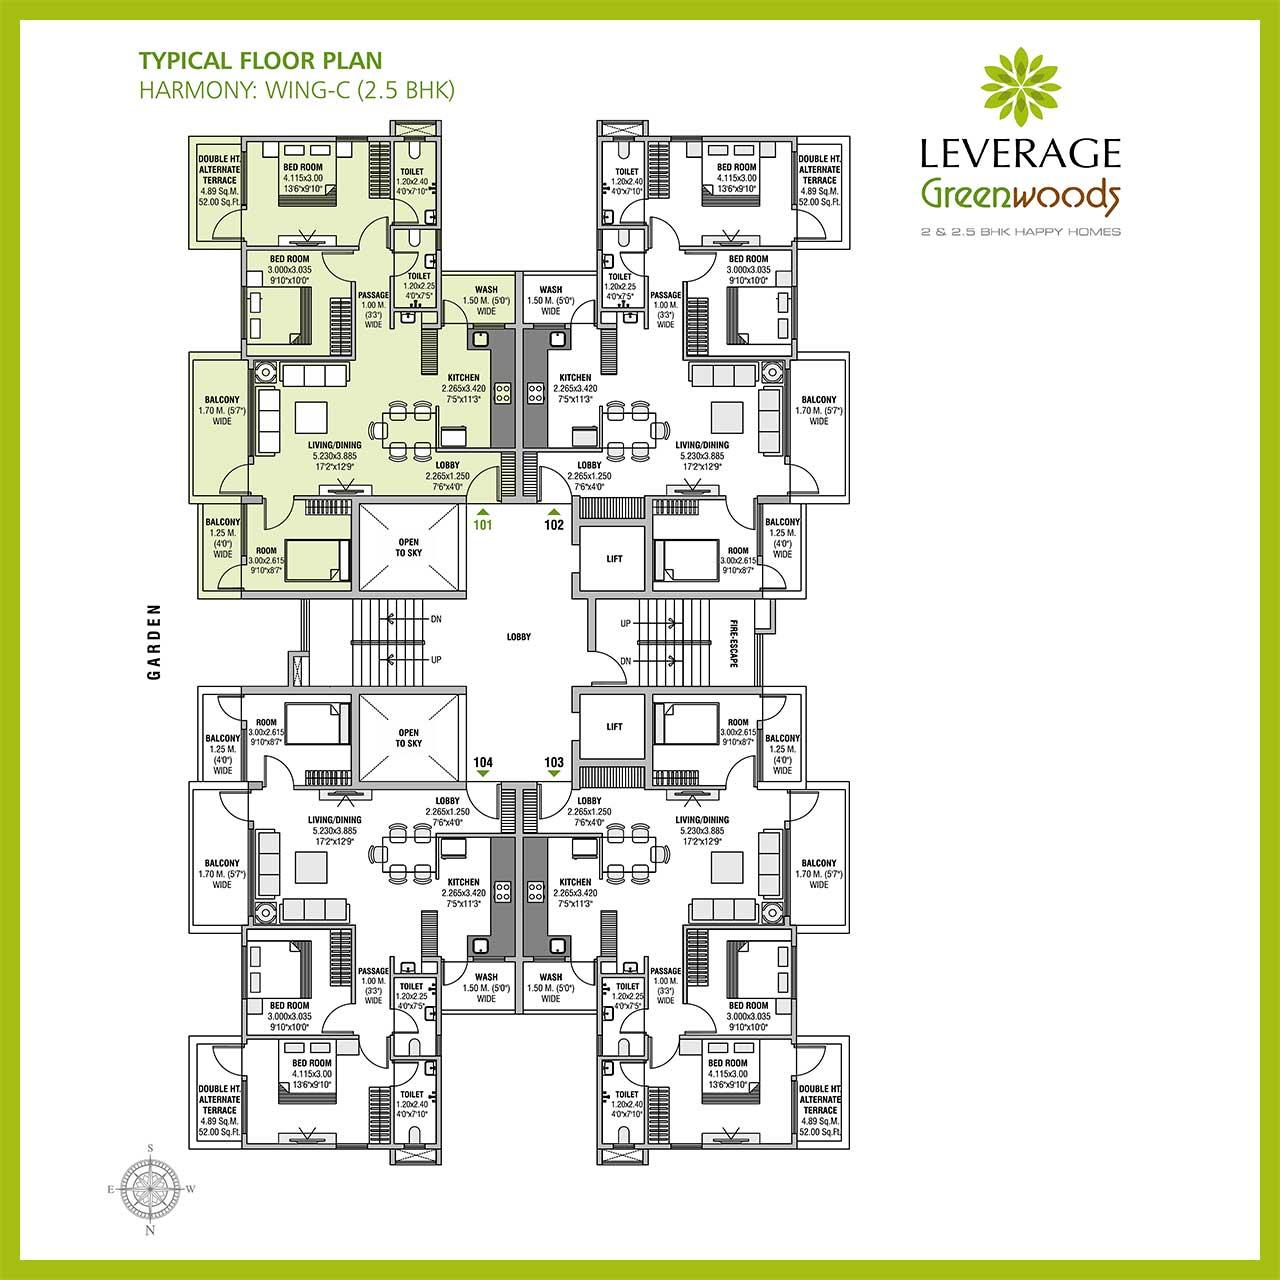 leverage-greenwood-harmony-25bhk-floor-plan